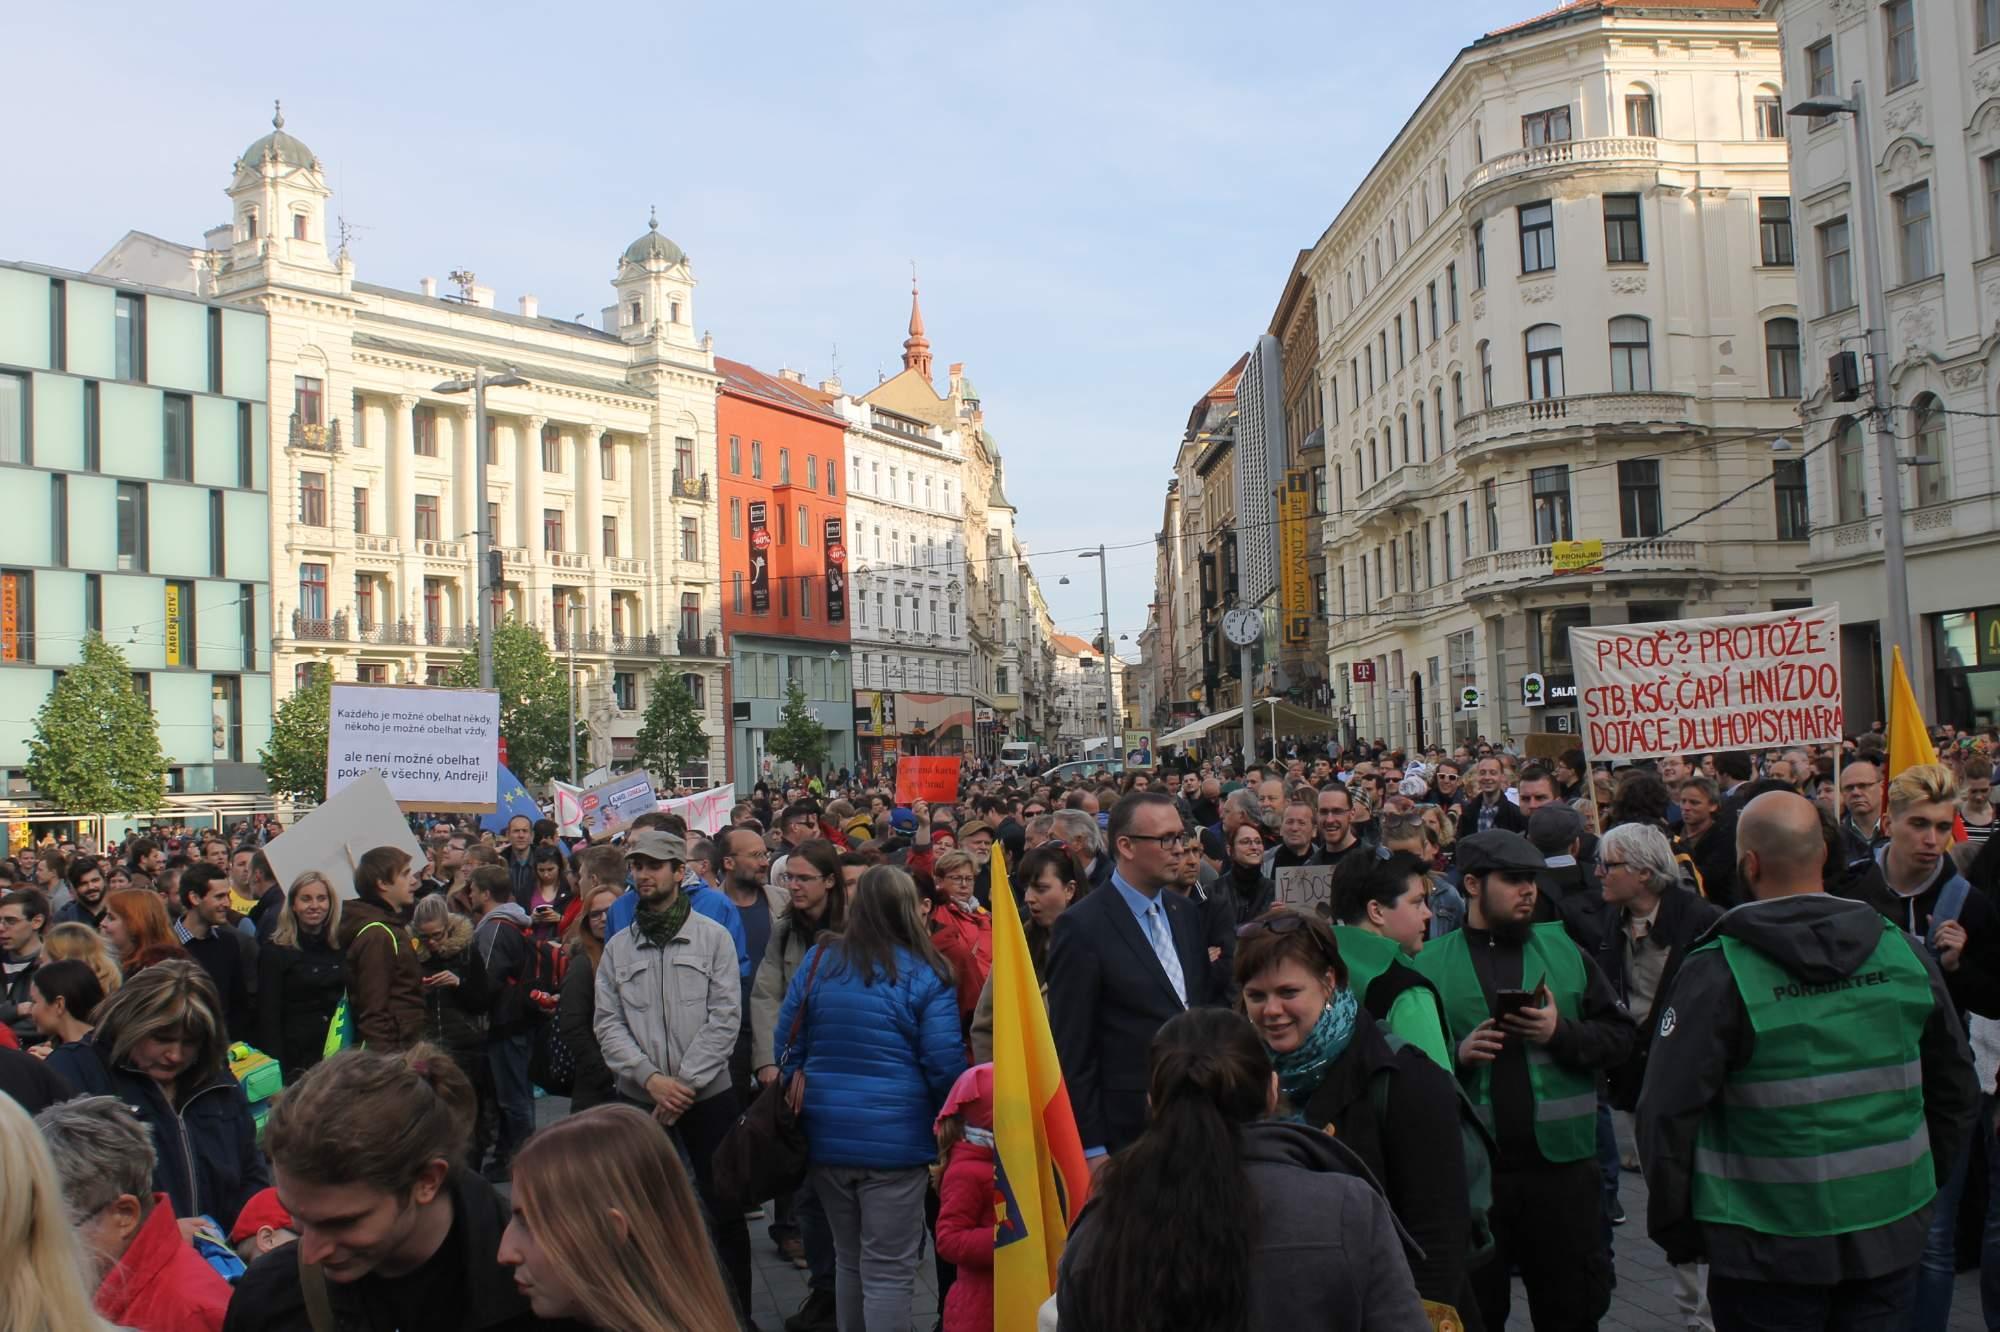 Na náměstí Svobody se sešly asi tři tisíce lidí. Foto: Jan Vostal